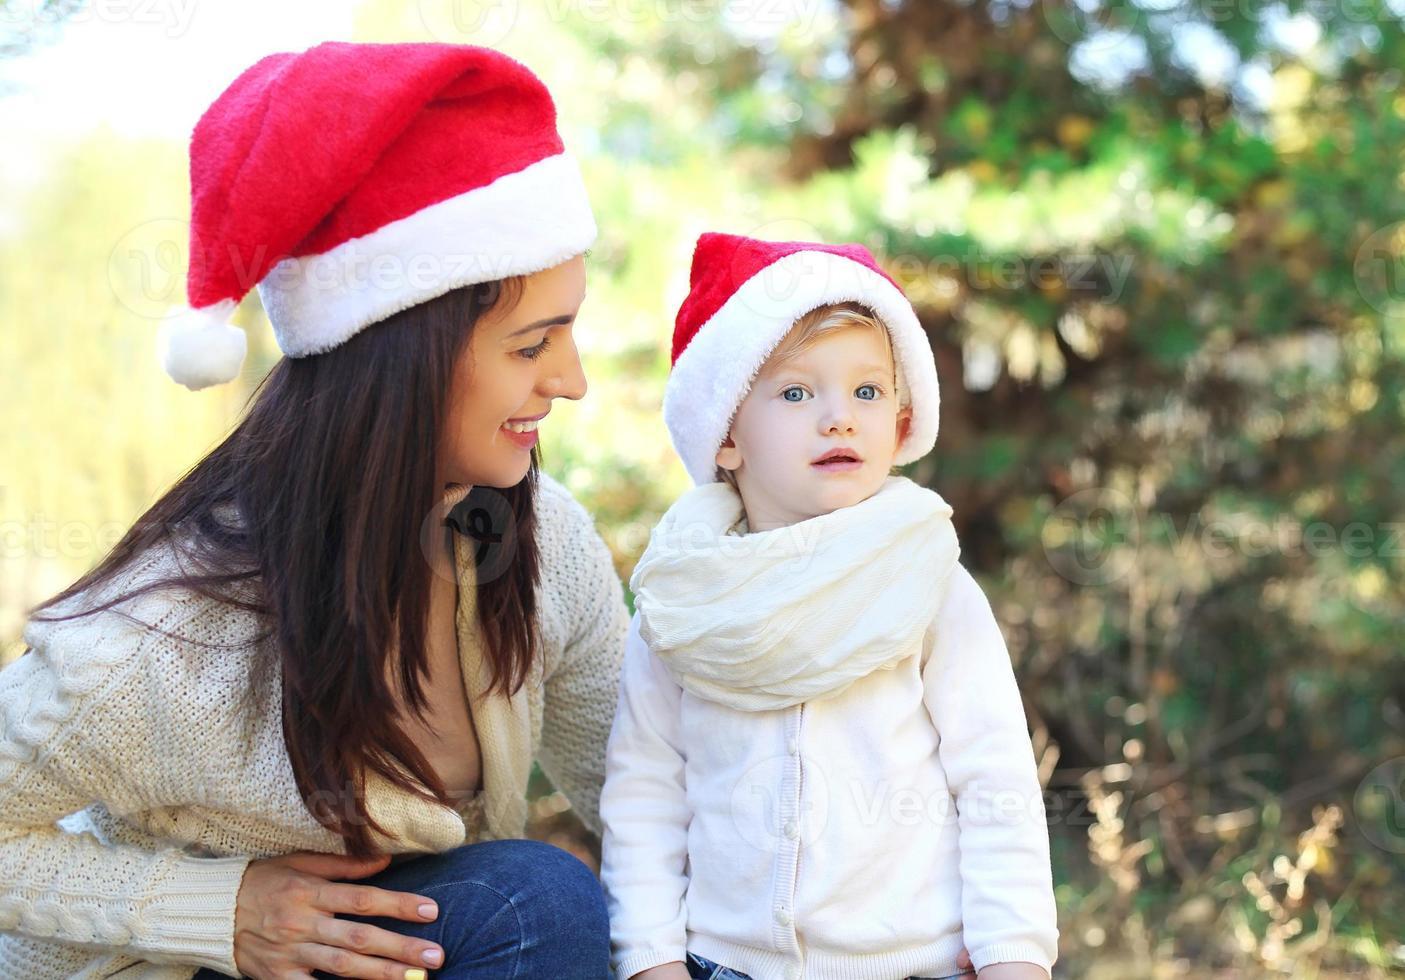 Weihnachts- und Familienkonzept - glückliche Mutter mit Kind foto